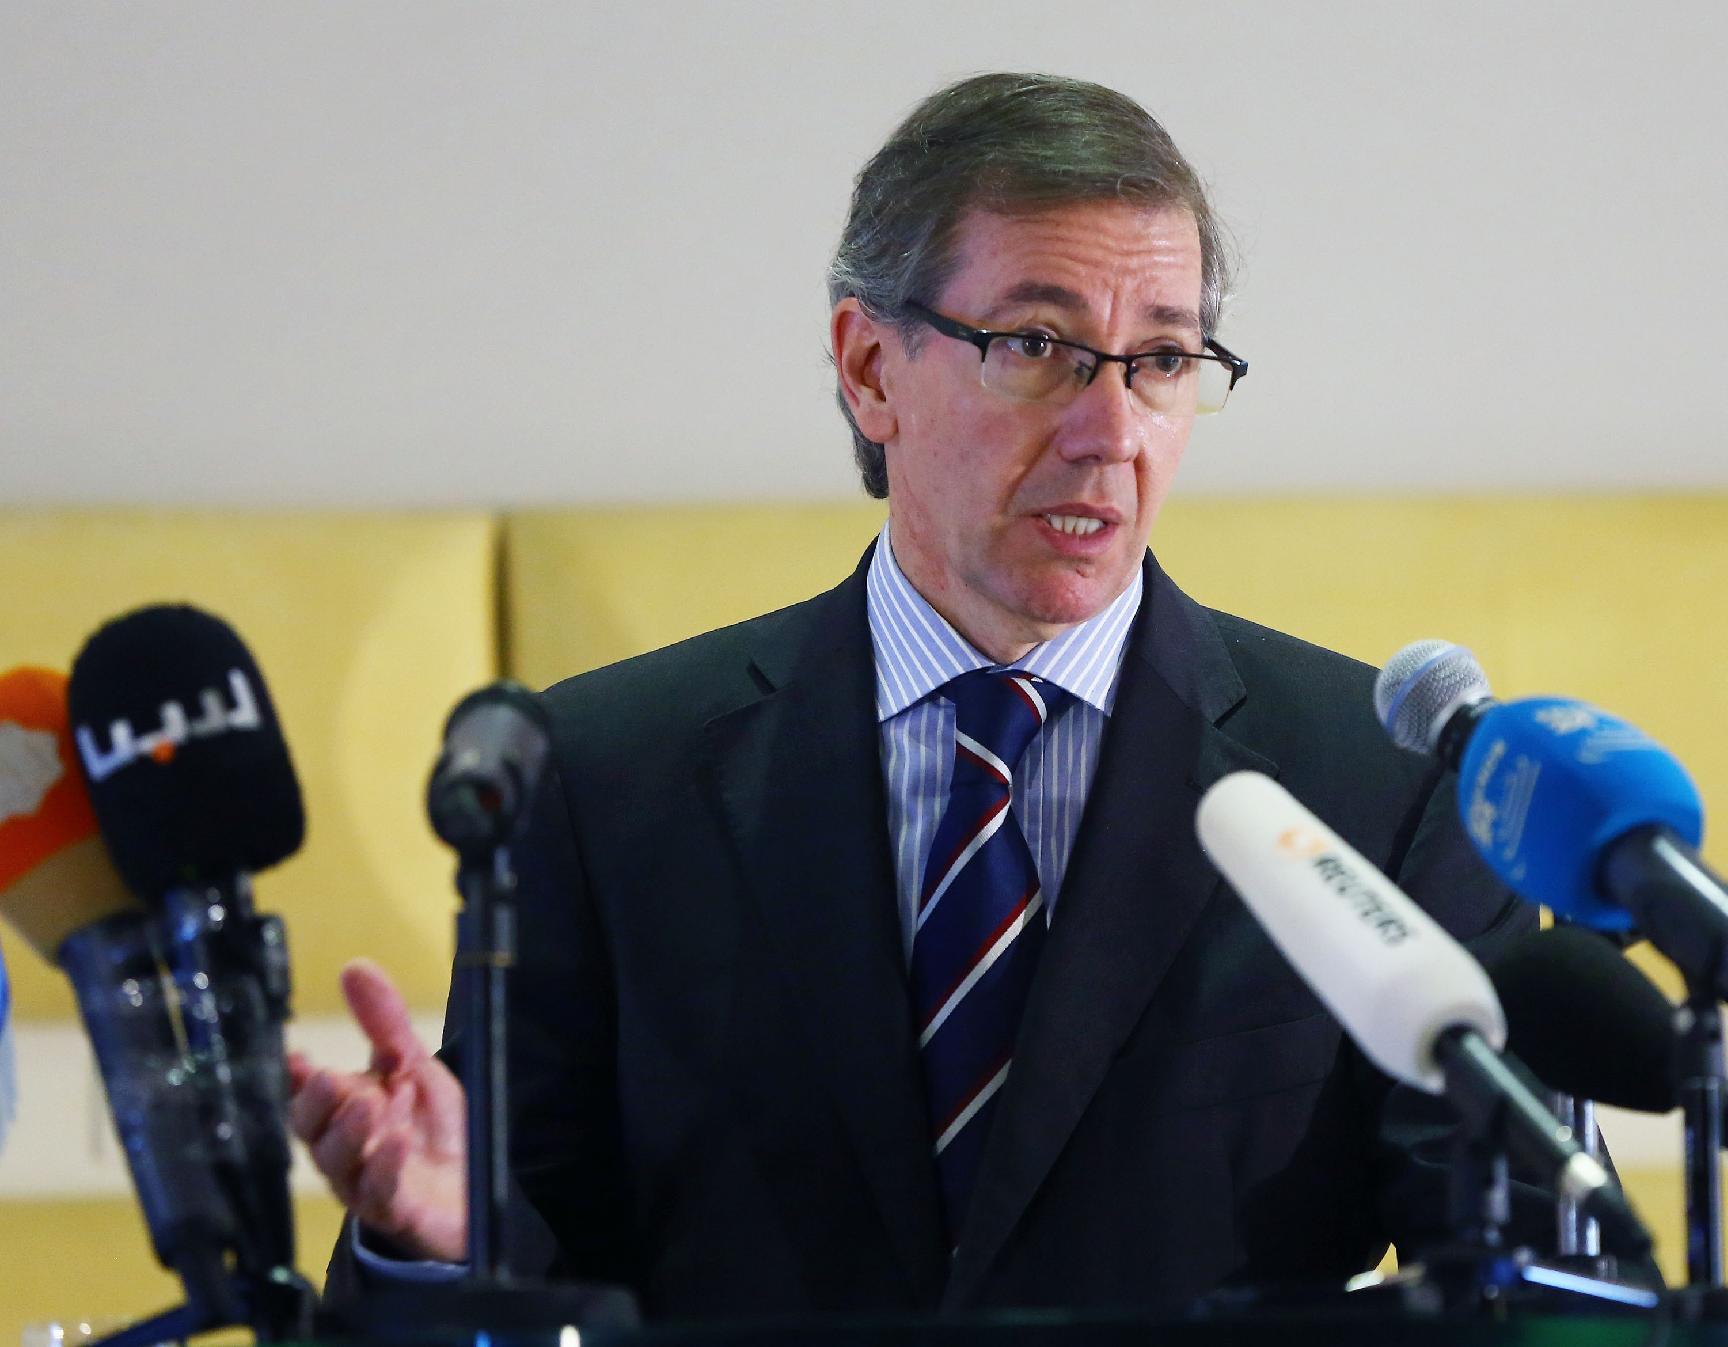 PBB: DIALOG LIBYA AKAN BERLANJUT MESKIPUN BENTROKAN TERJADI